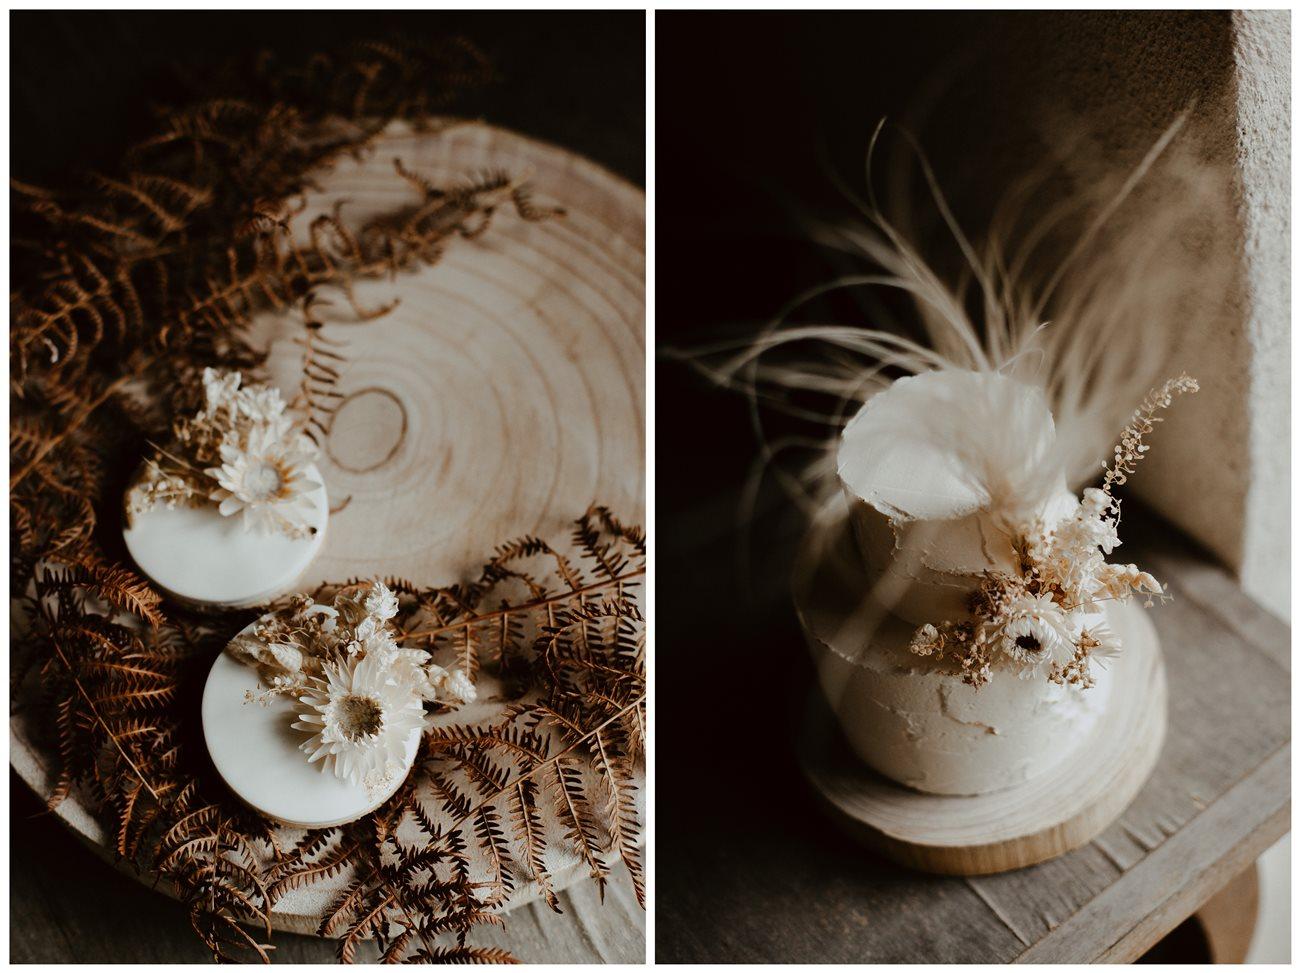 mariage bohème détails gâteau et sablés Petite Douce